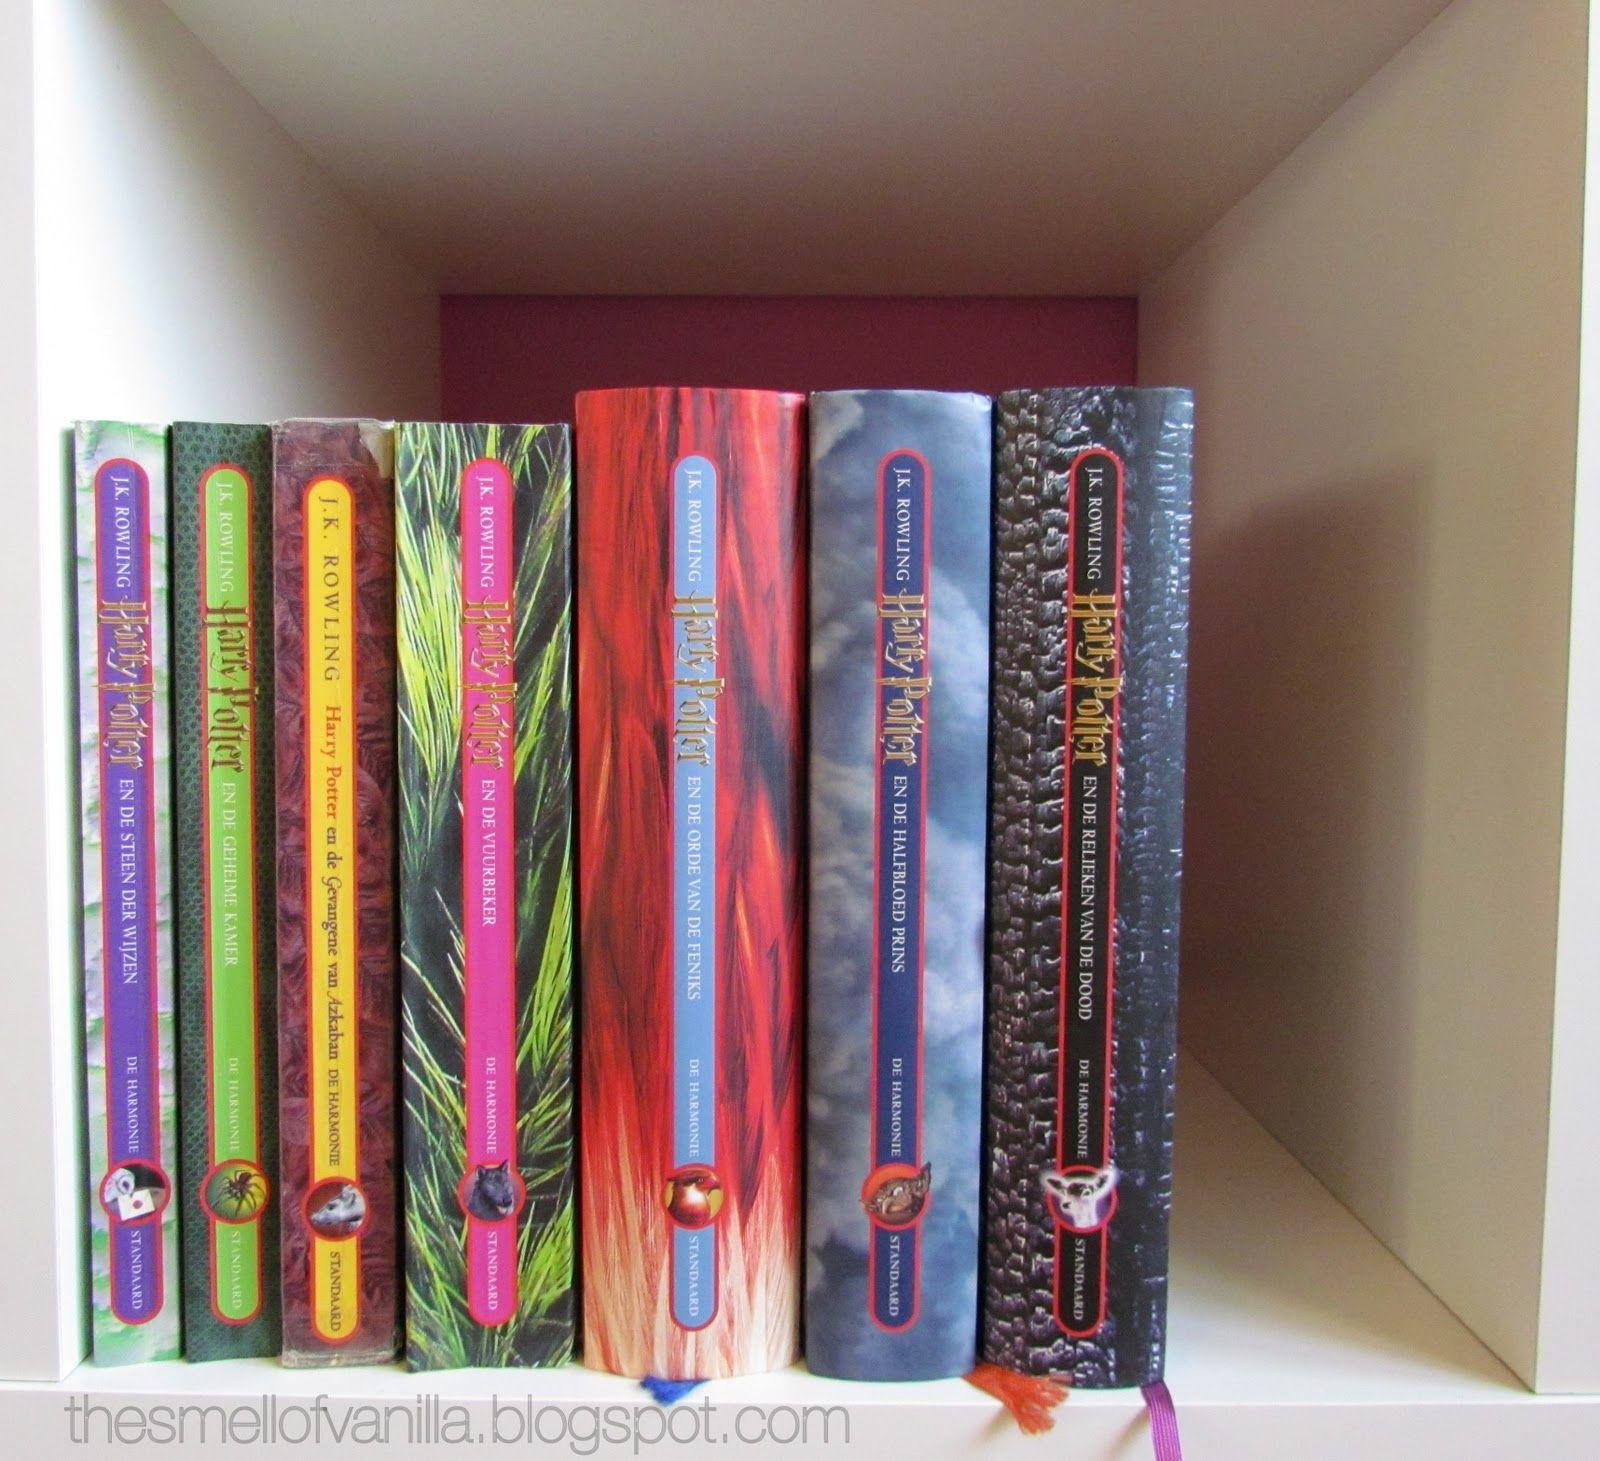 alle harry potter boeken - Google zoeken   To READ (play ...